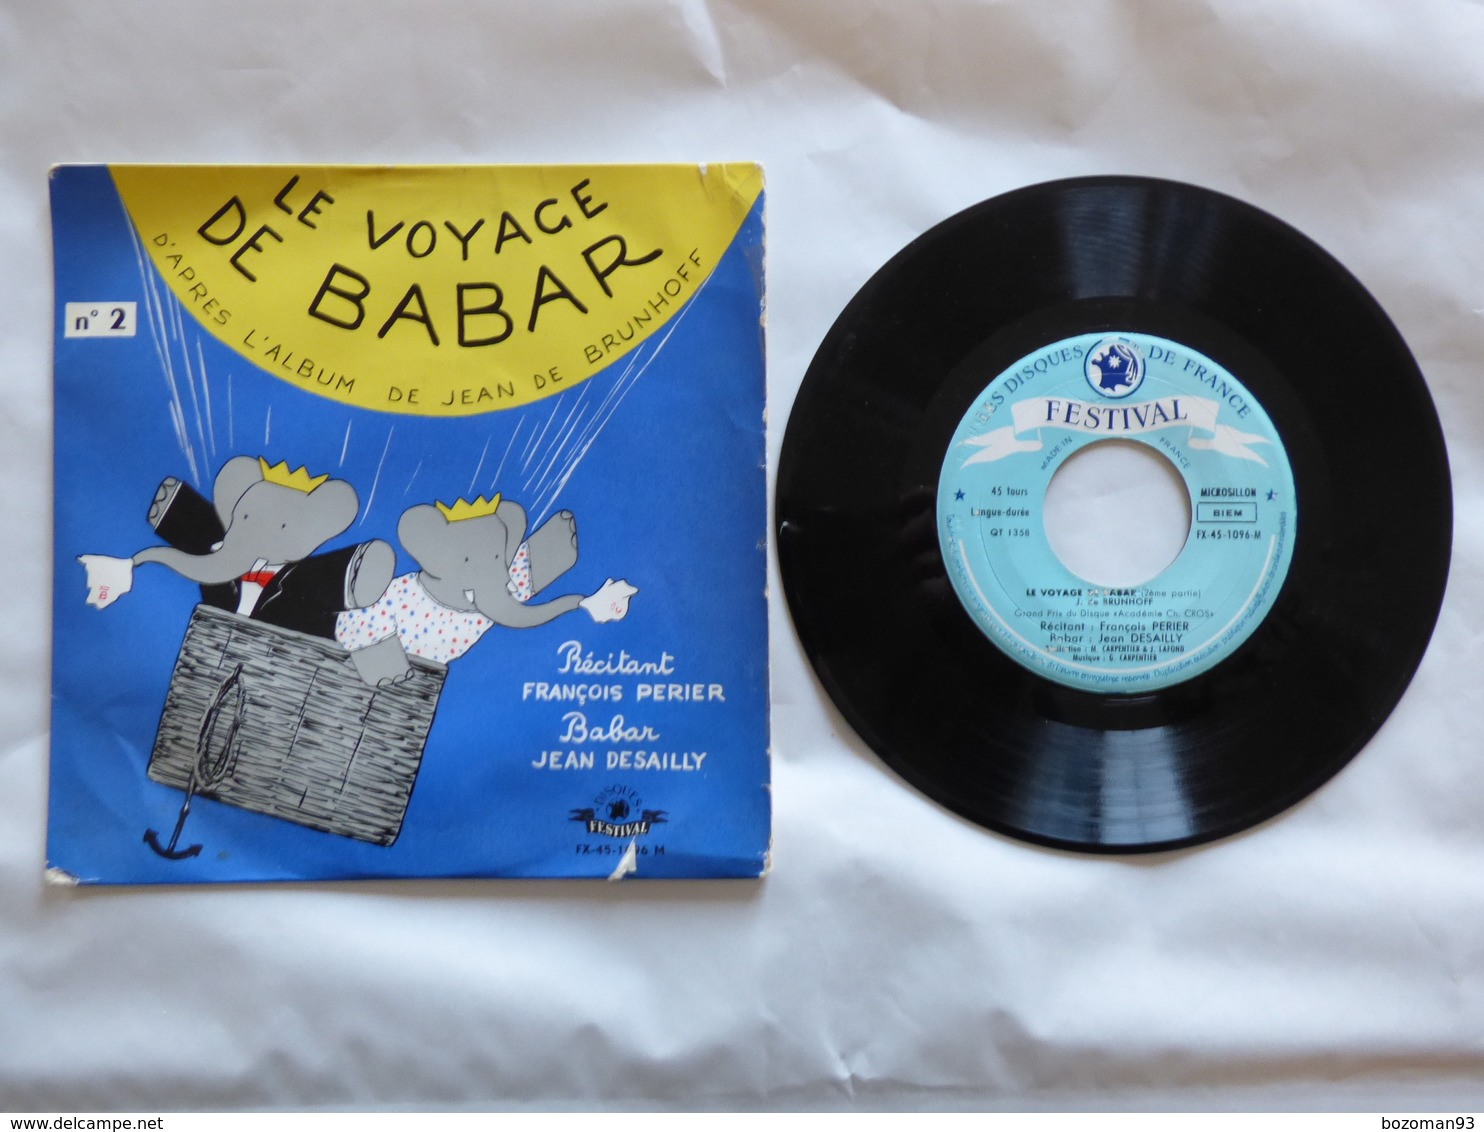 B.O.F LE VOYAGE DE BABAR  Sous Label FESTIVAL FX 45-1096 M - Soundtracks, Film Music